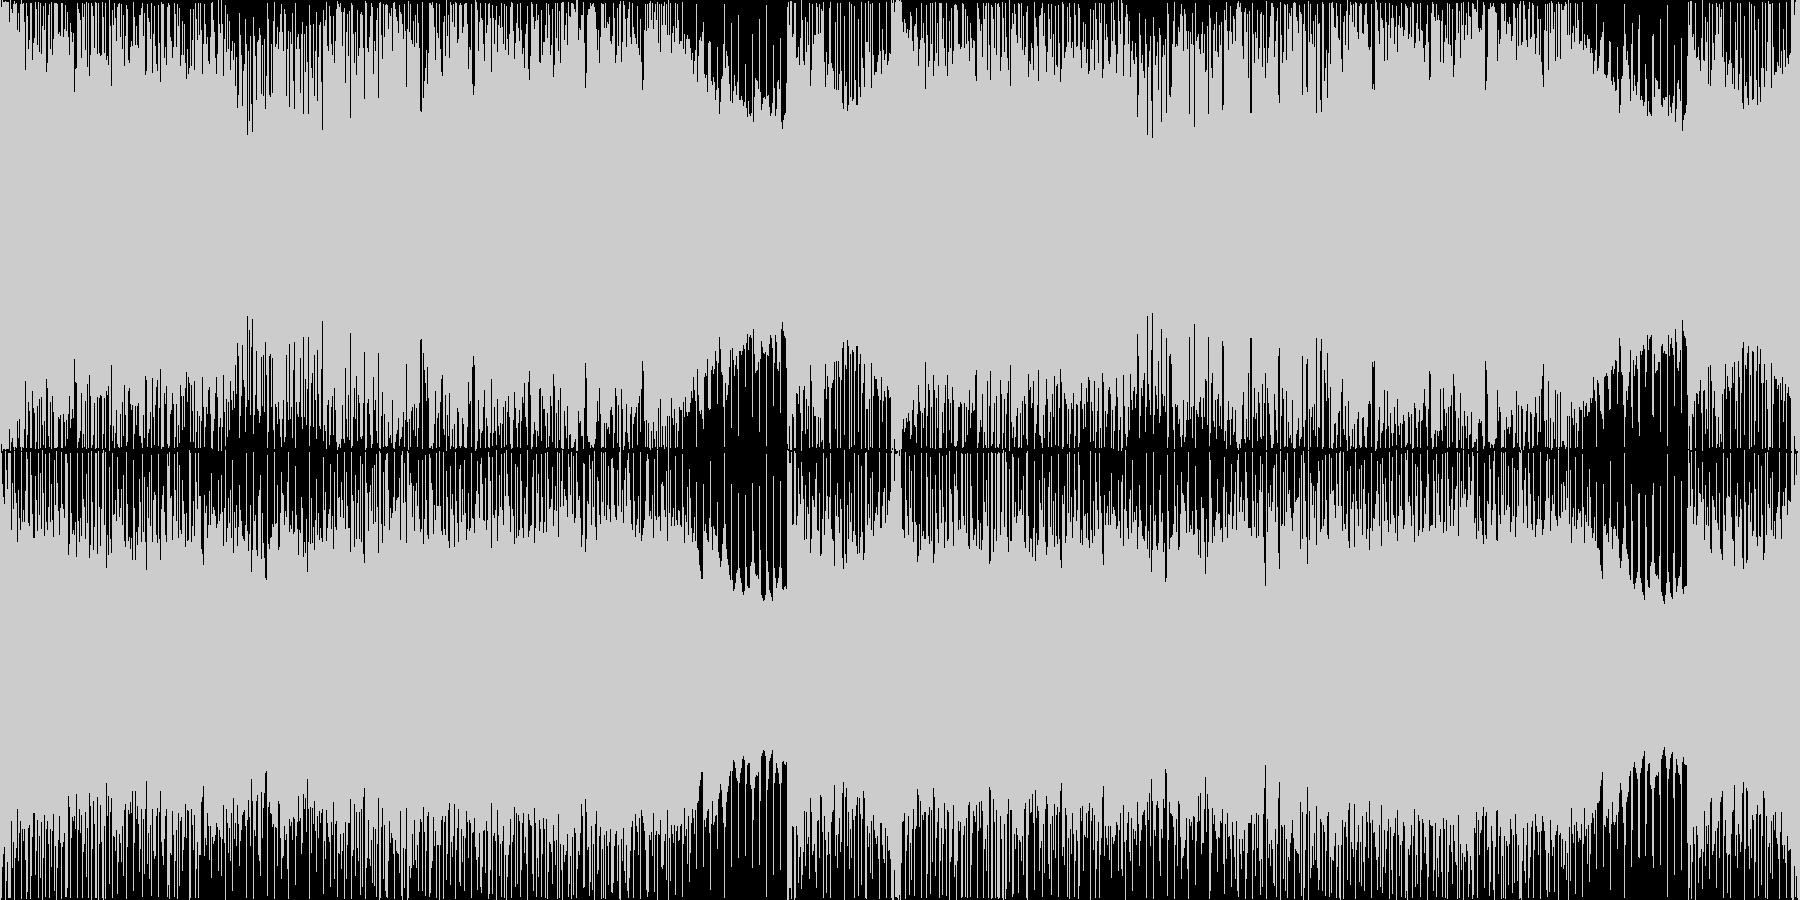 重厚で激しいメタルギターリフ【ループ】の未再生の波形